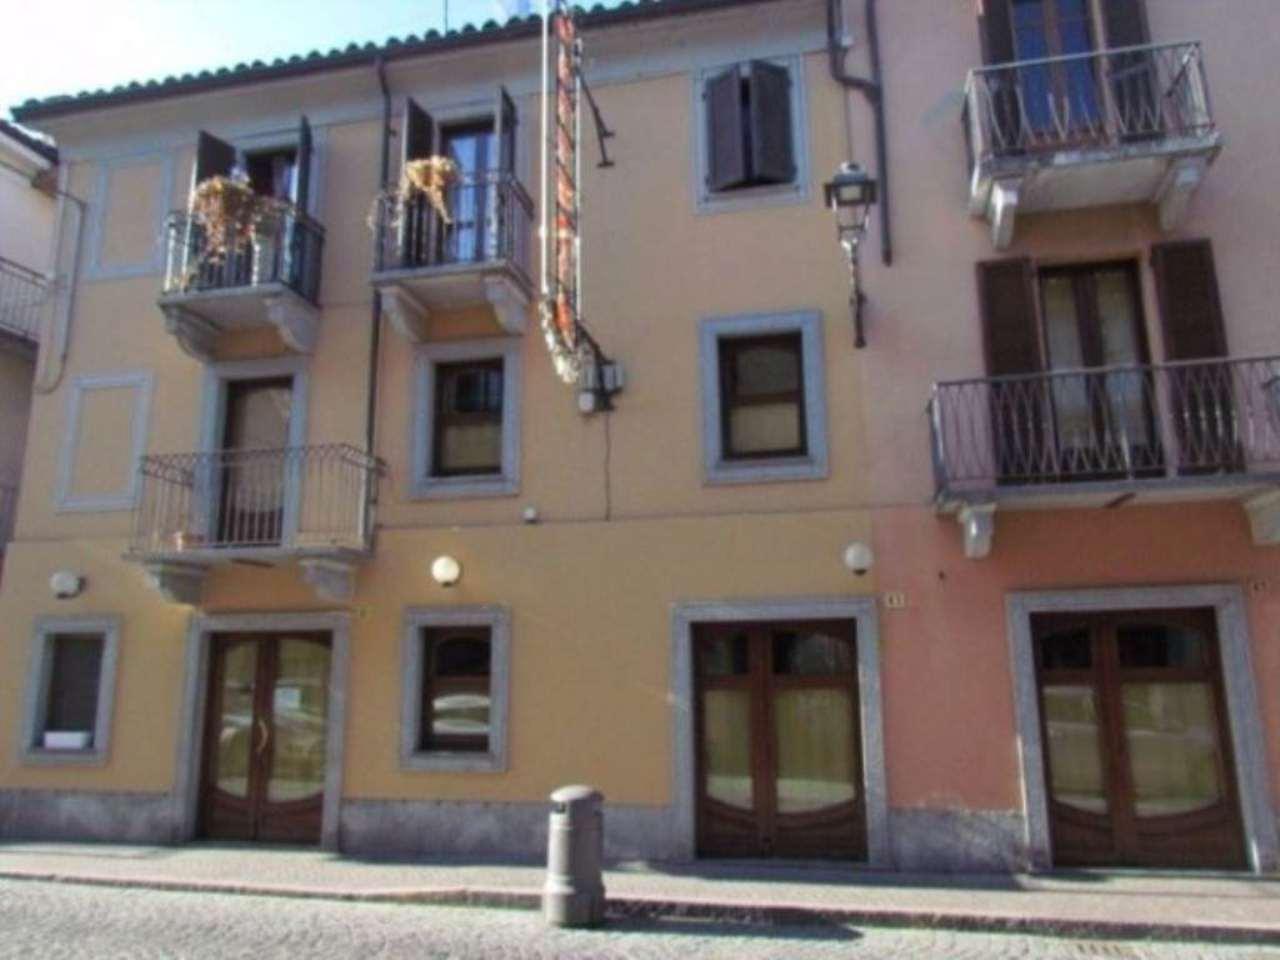 Immobile Commerciale in vendita a Savigliano, 6 locali, Trattative riservate | Cambio Casa.it